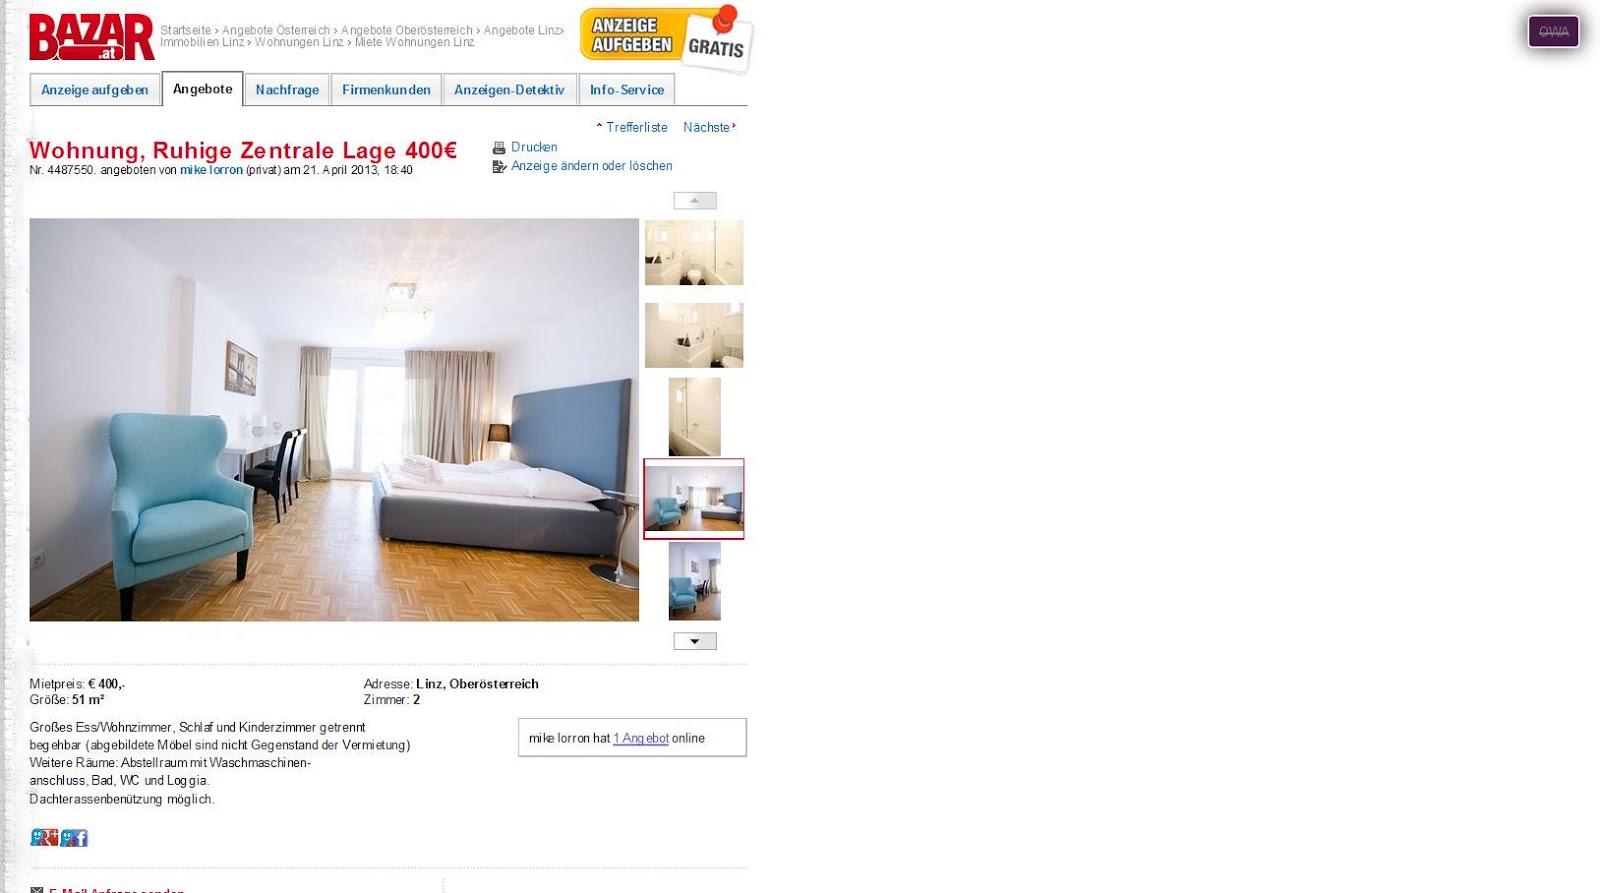 wohnungsbetrug2010 | *Gegen Wohnungsbetrug *against rental scammers ...